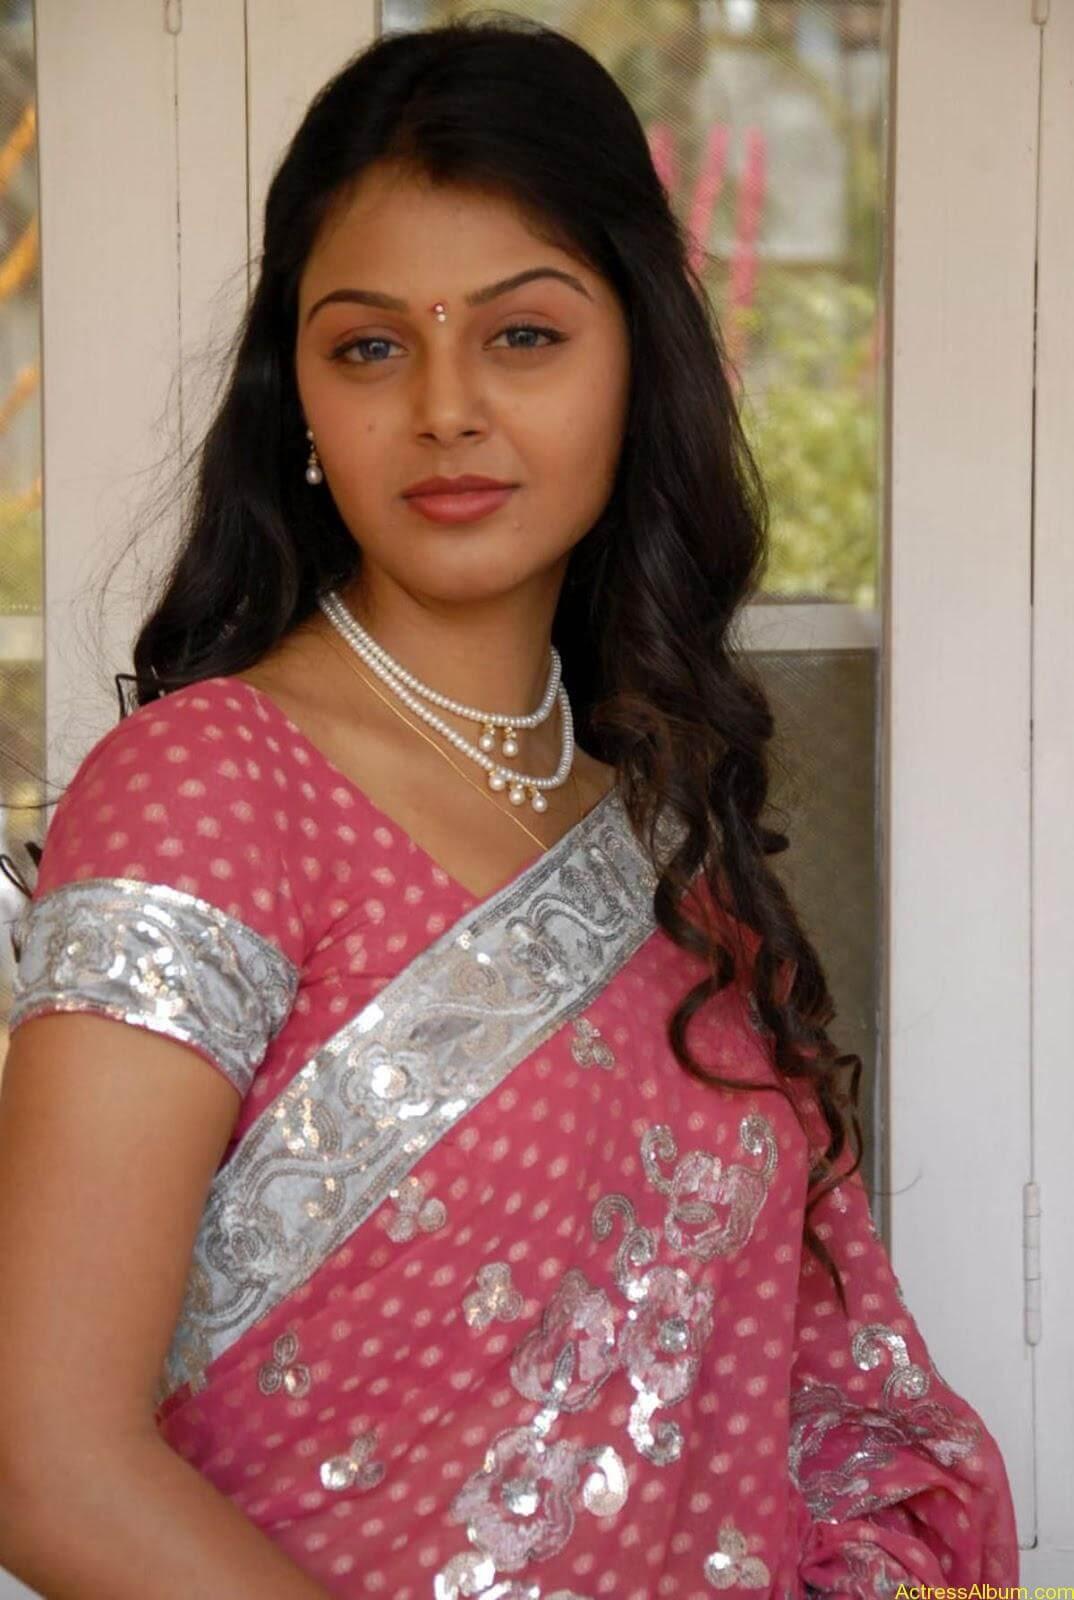 Monal gajjar Hot Saree Stills (4)